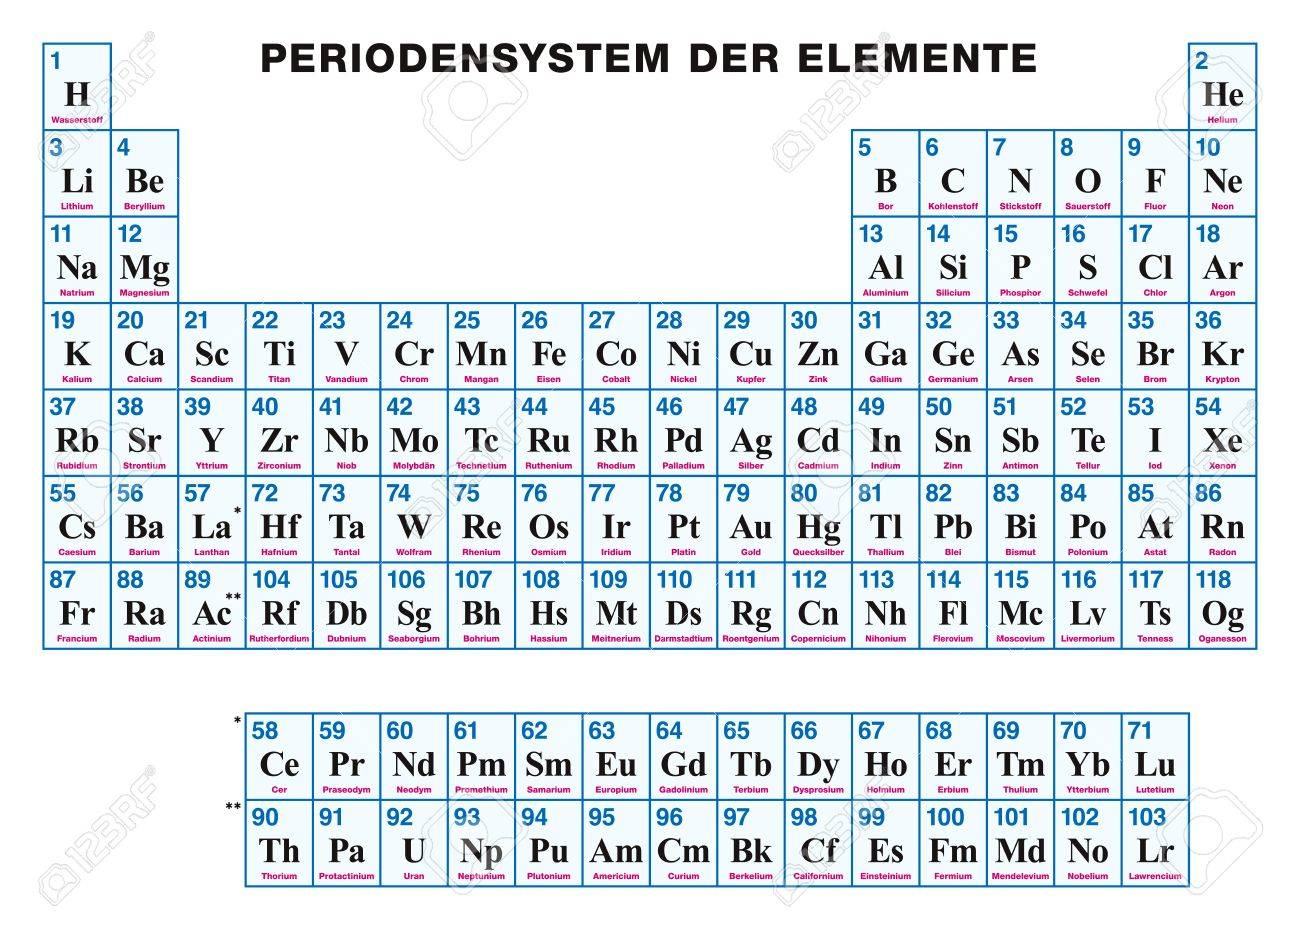 Tabla peridica de los elementos alemn disposicin tabular de los foto de archivo tabla peridica de los elementos alemn disposicin tabular de los elementos qumicos con sus nmeros atmicos smbolos y nombres urtaz Gallery